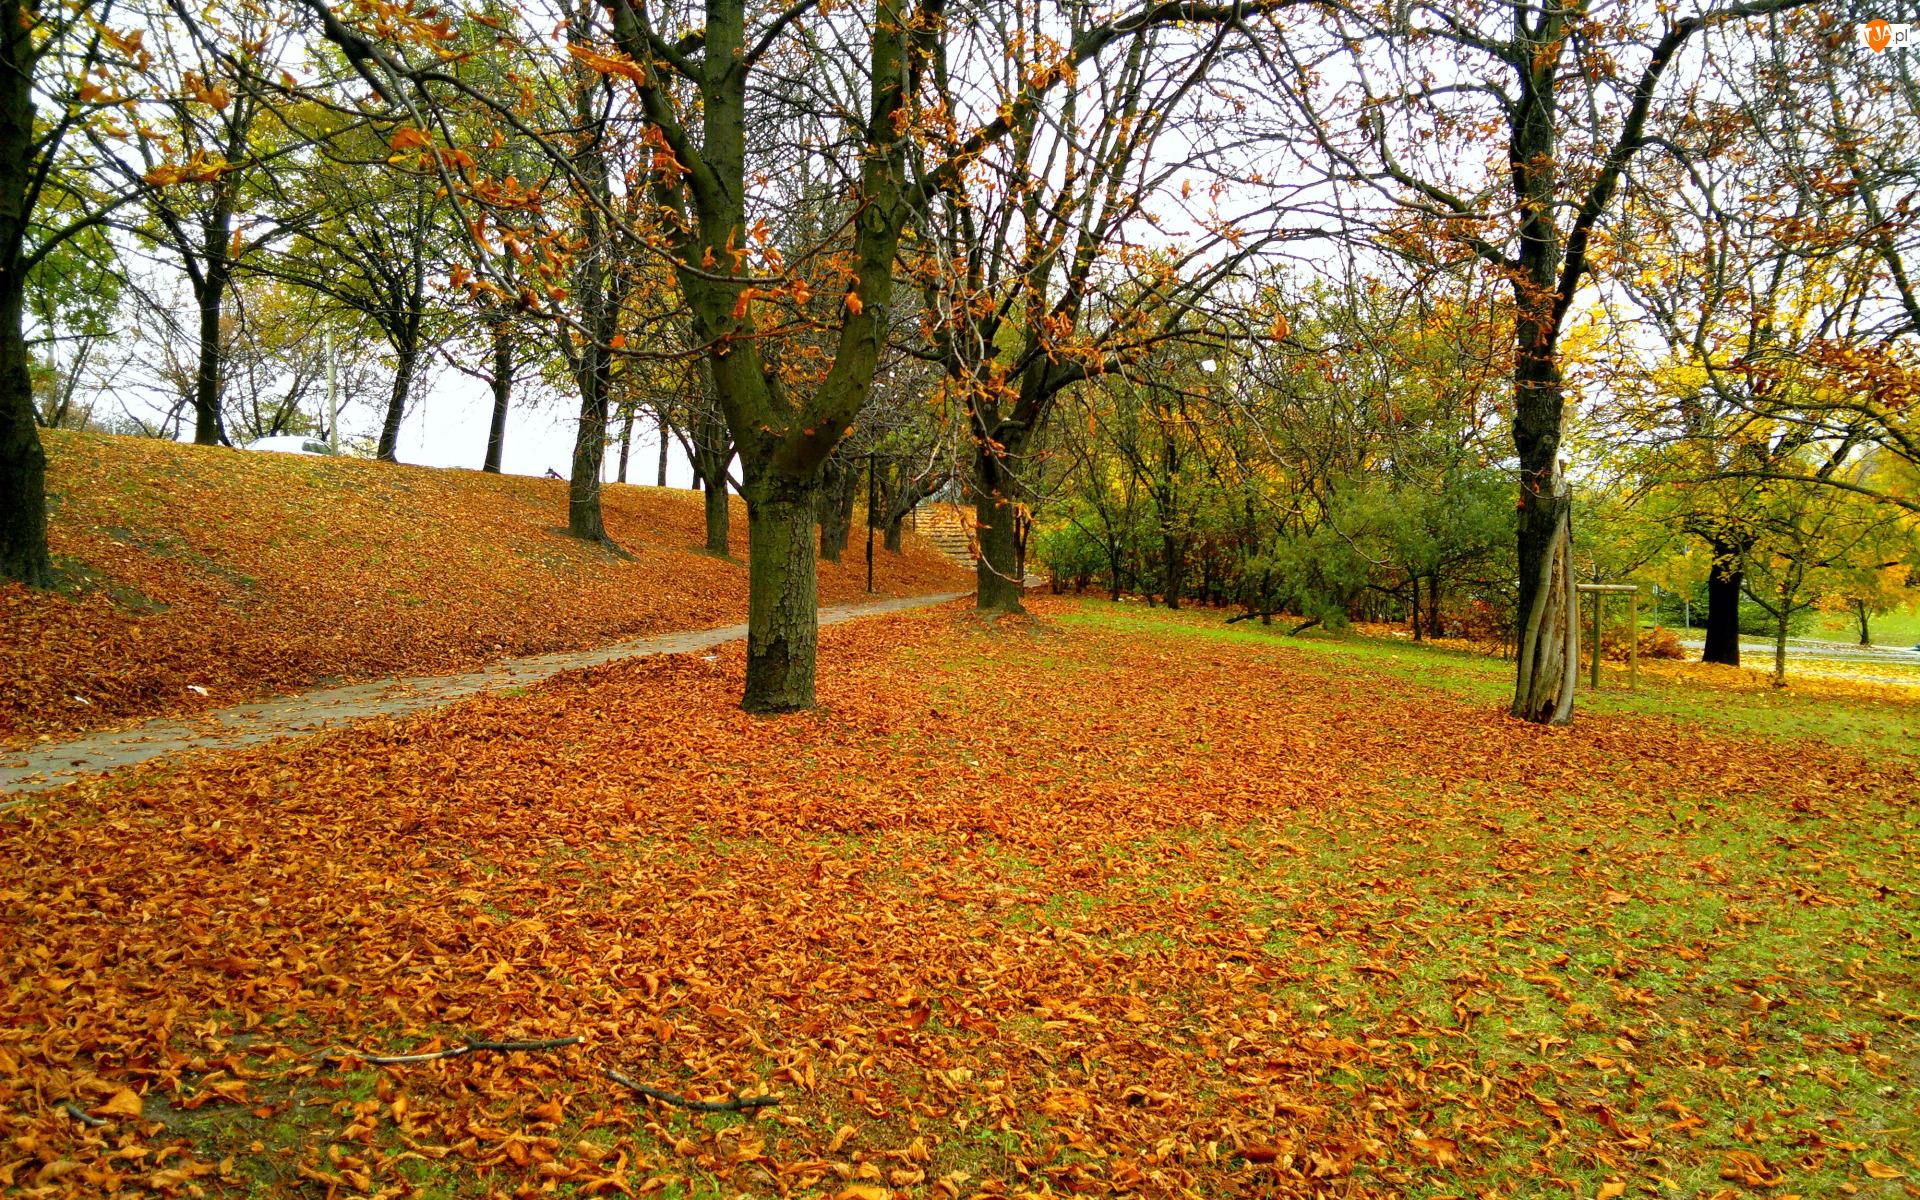 Park, Jesień, Alejka, Liście, Drzewa, Opadłe